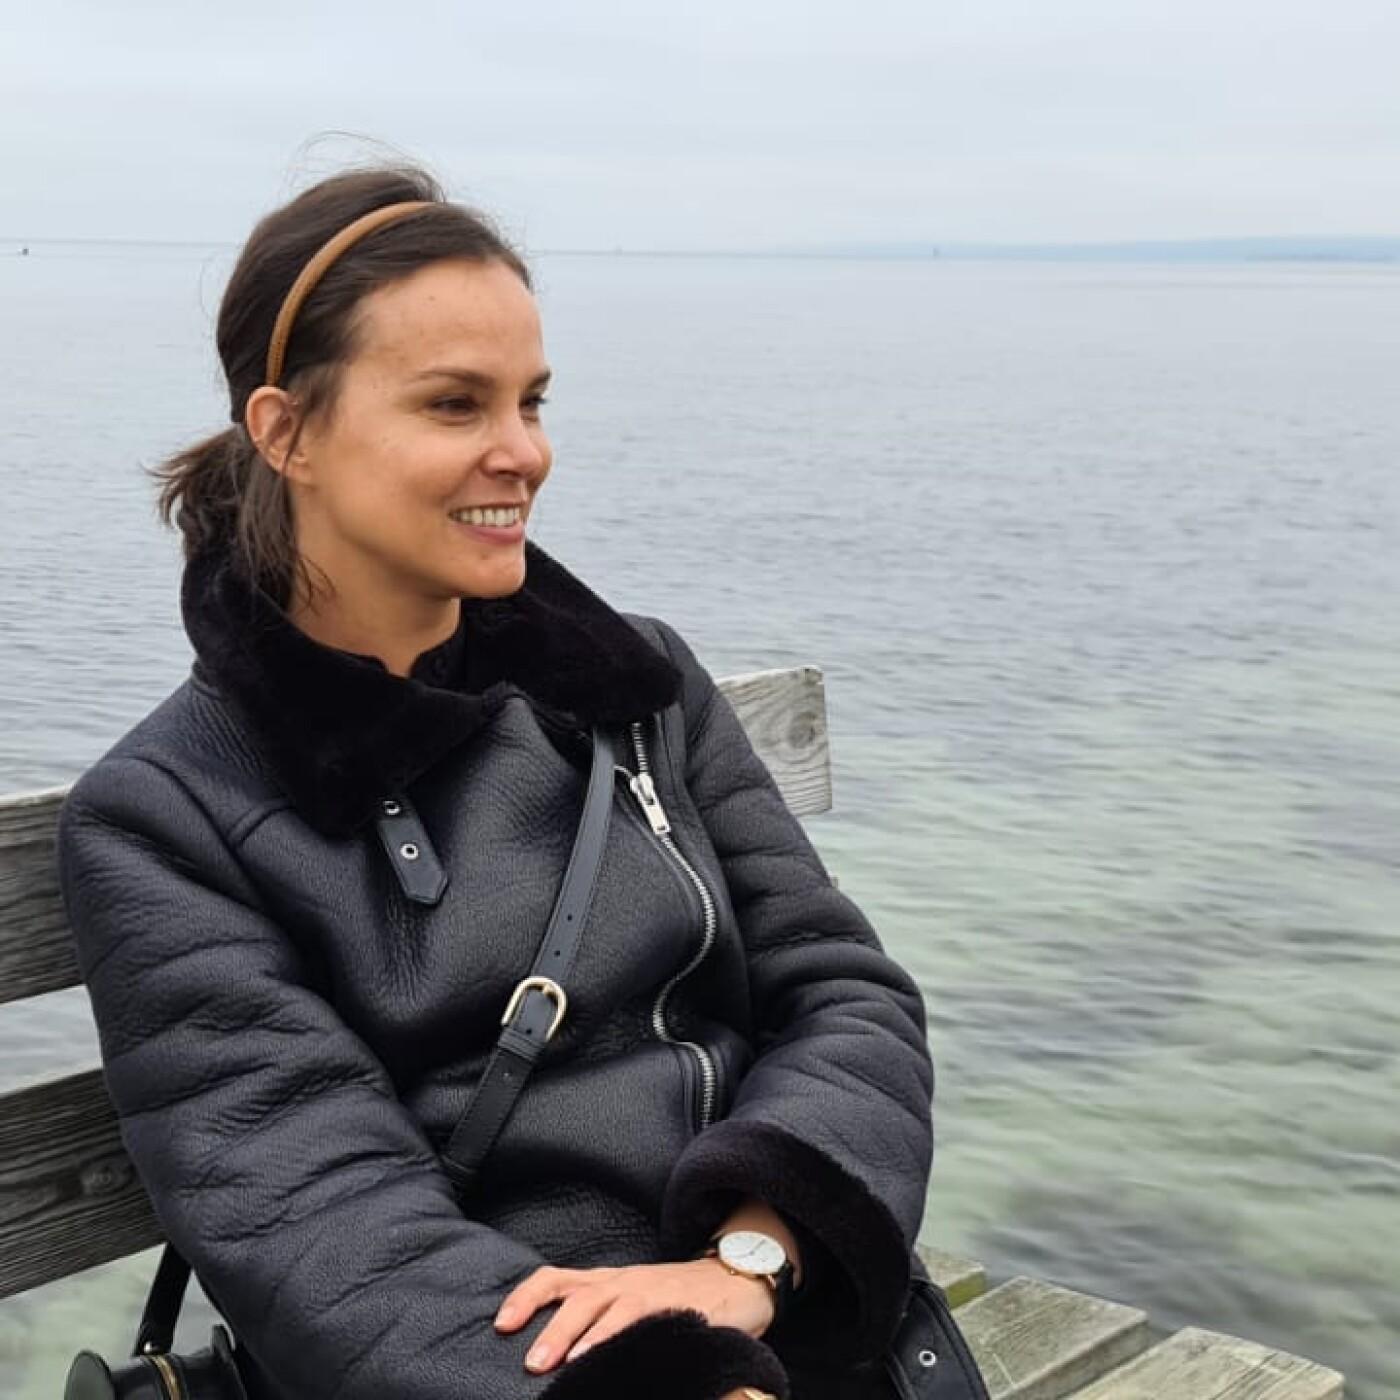 #18 Danemark, Cynthia et son expatriation très longue durée